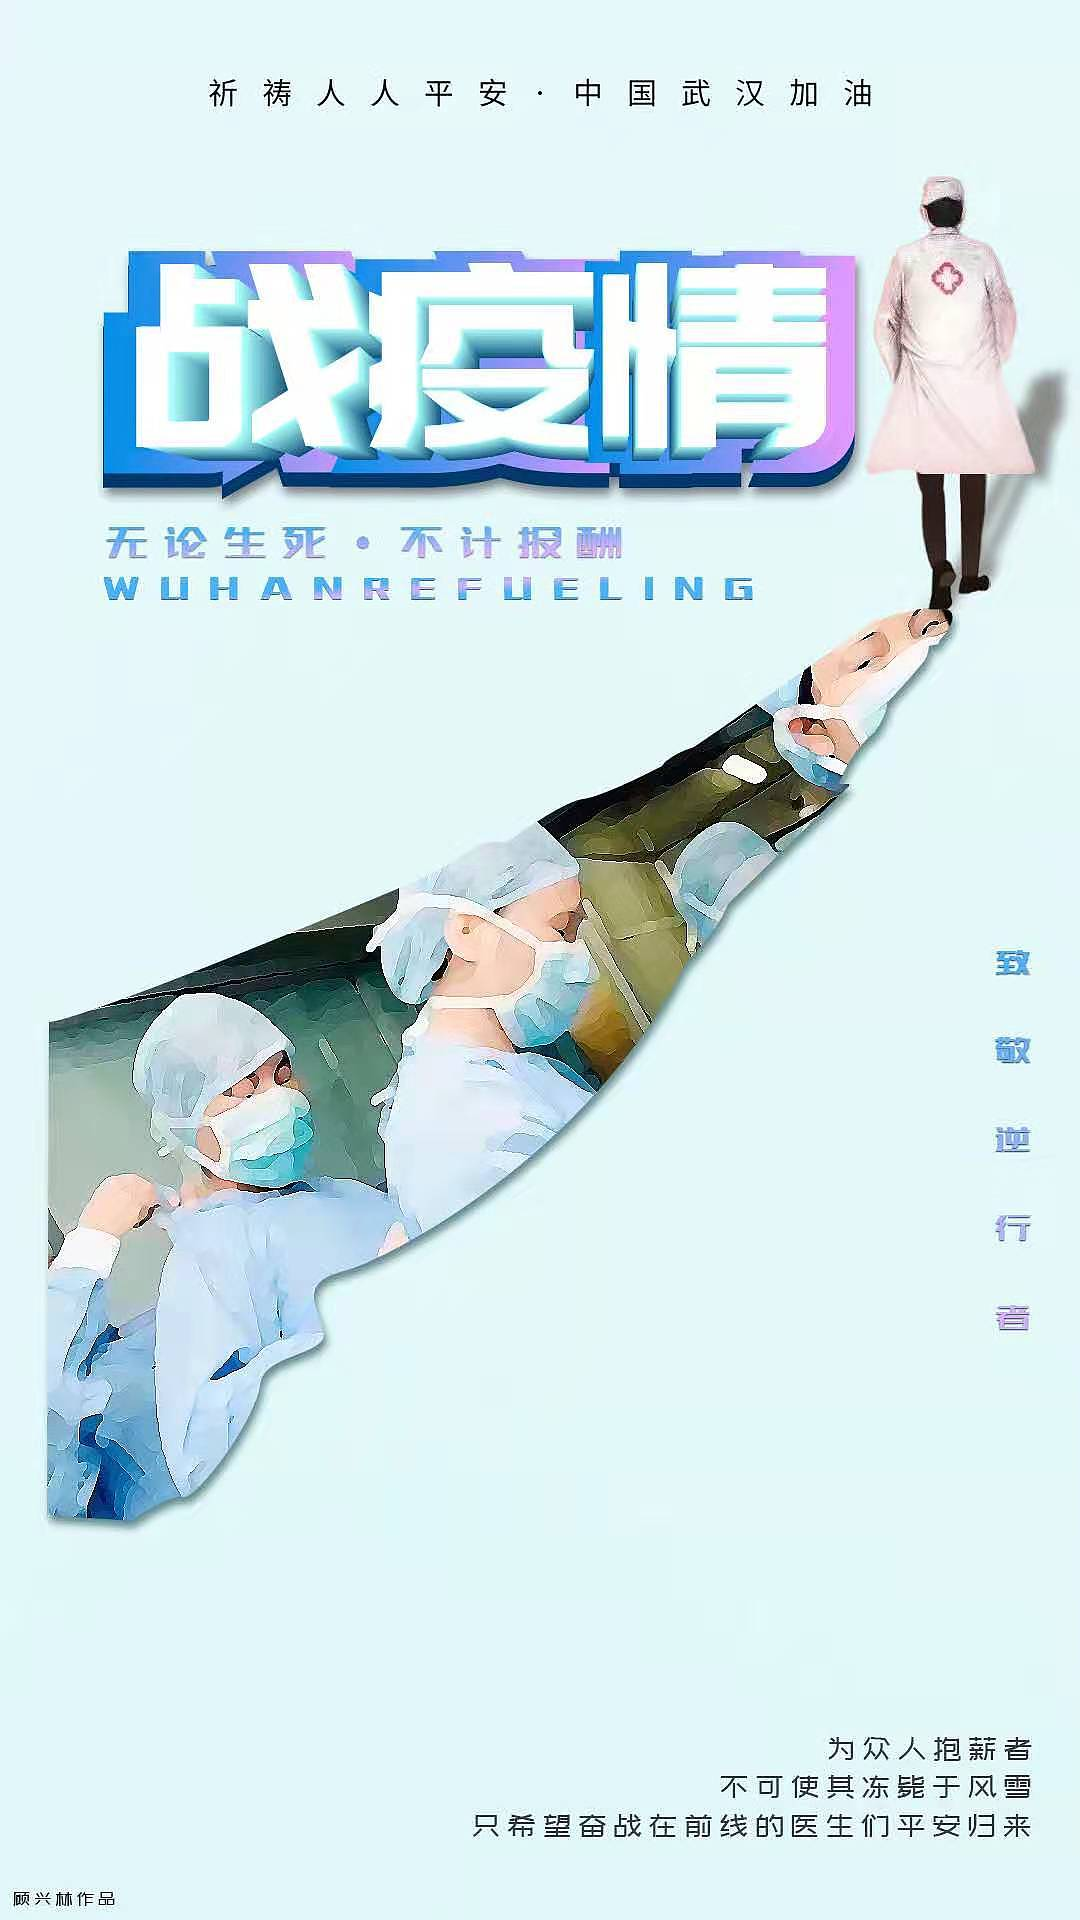 医务工作者个人自传_为奋战在一线的医务工作者设计的海报|平面|海报|初见即离别 ...